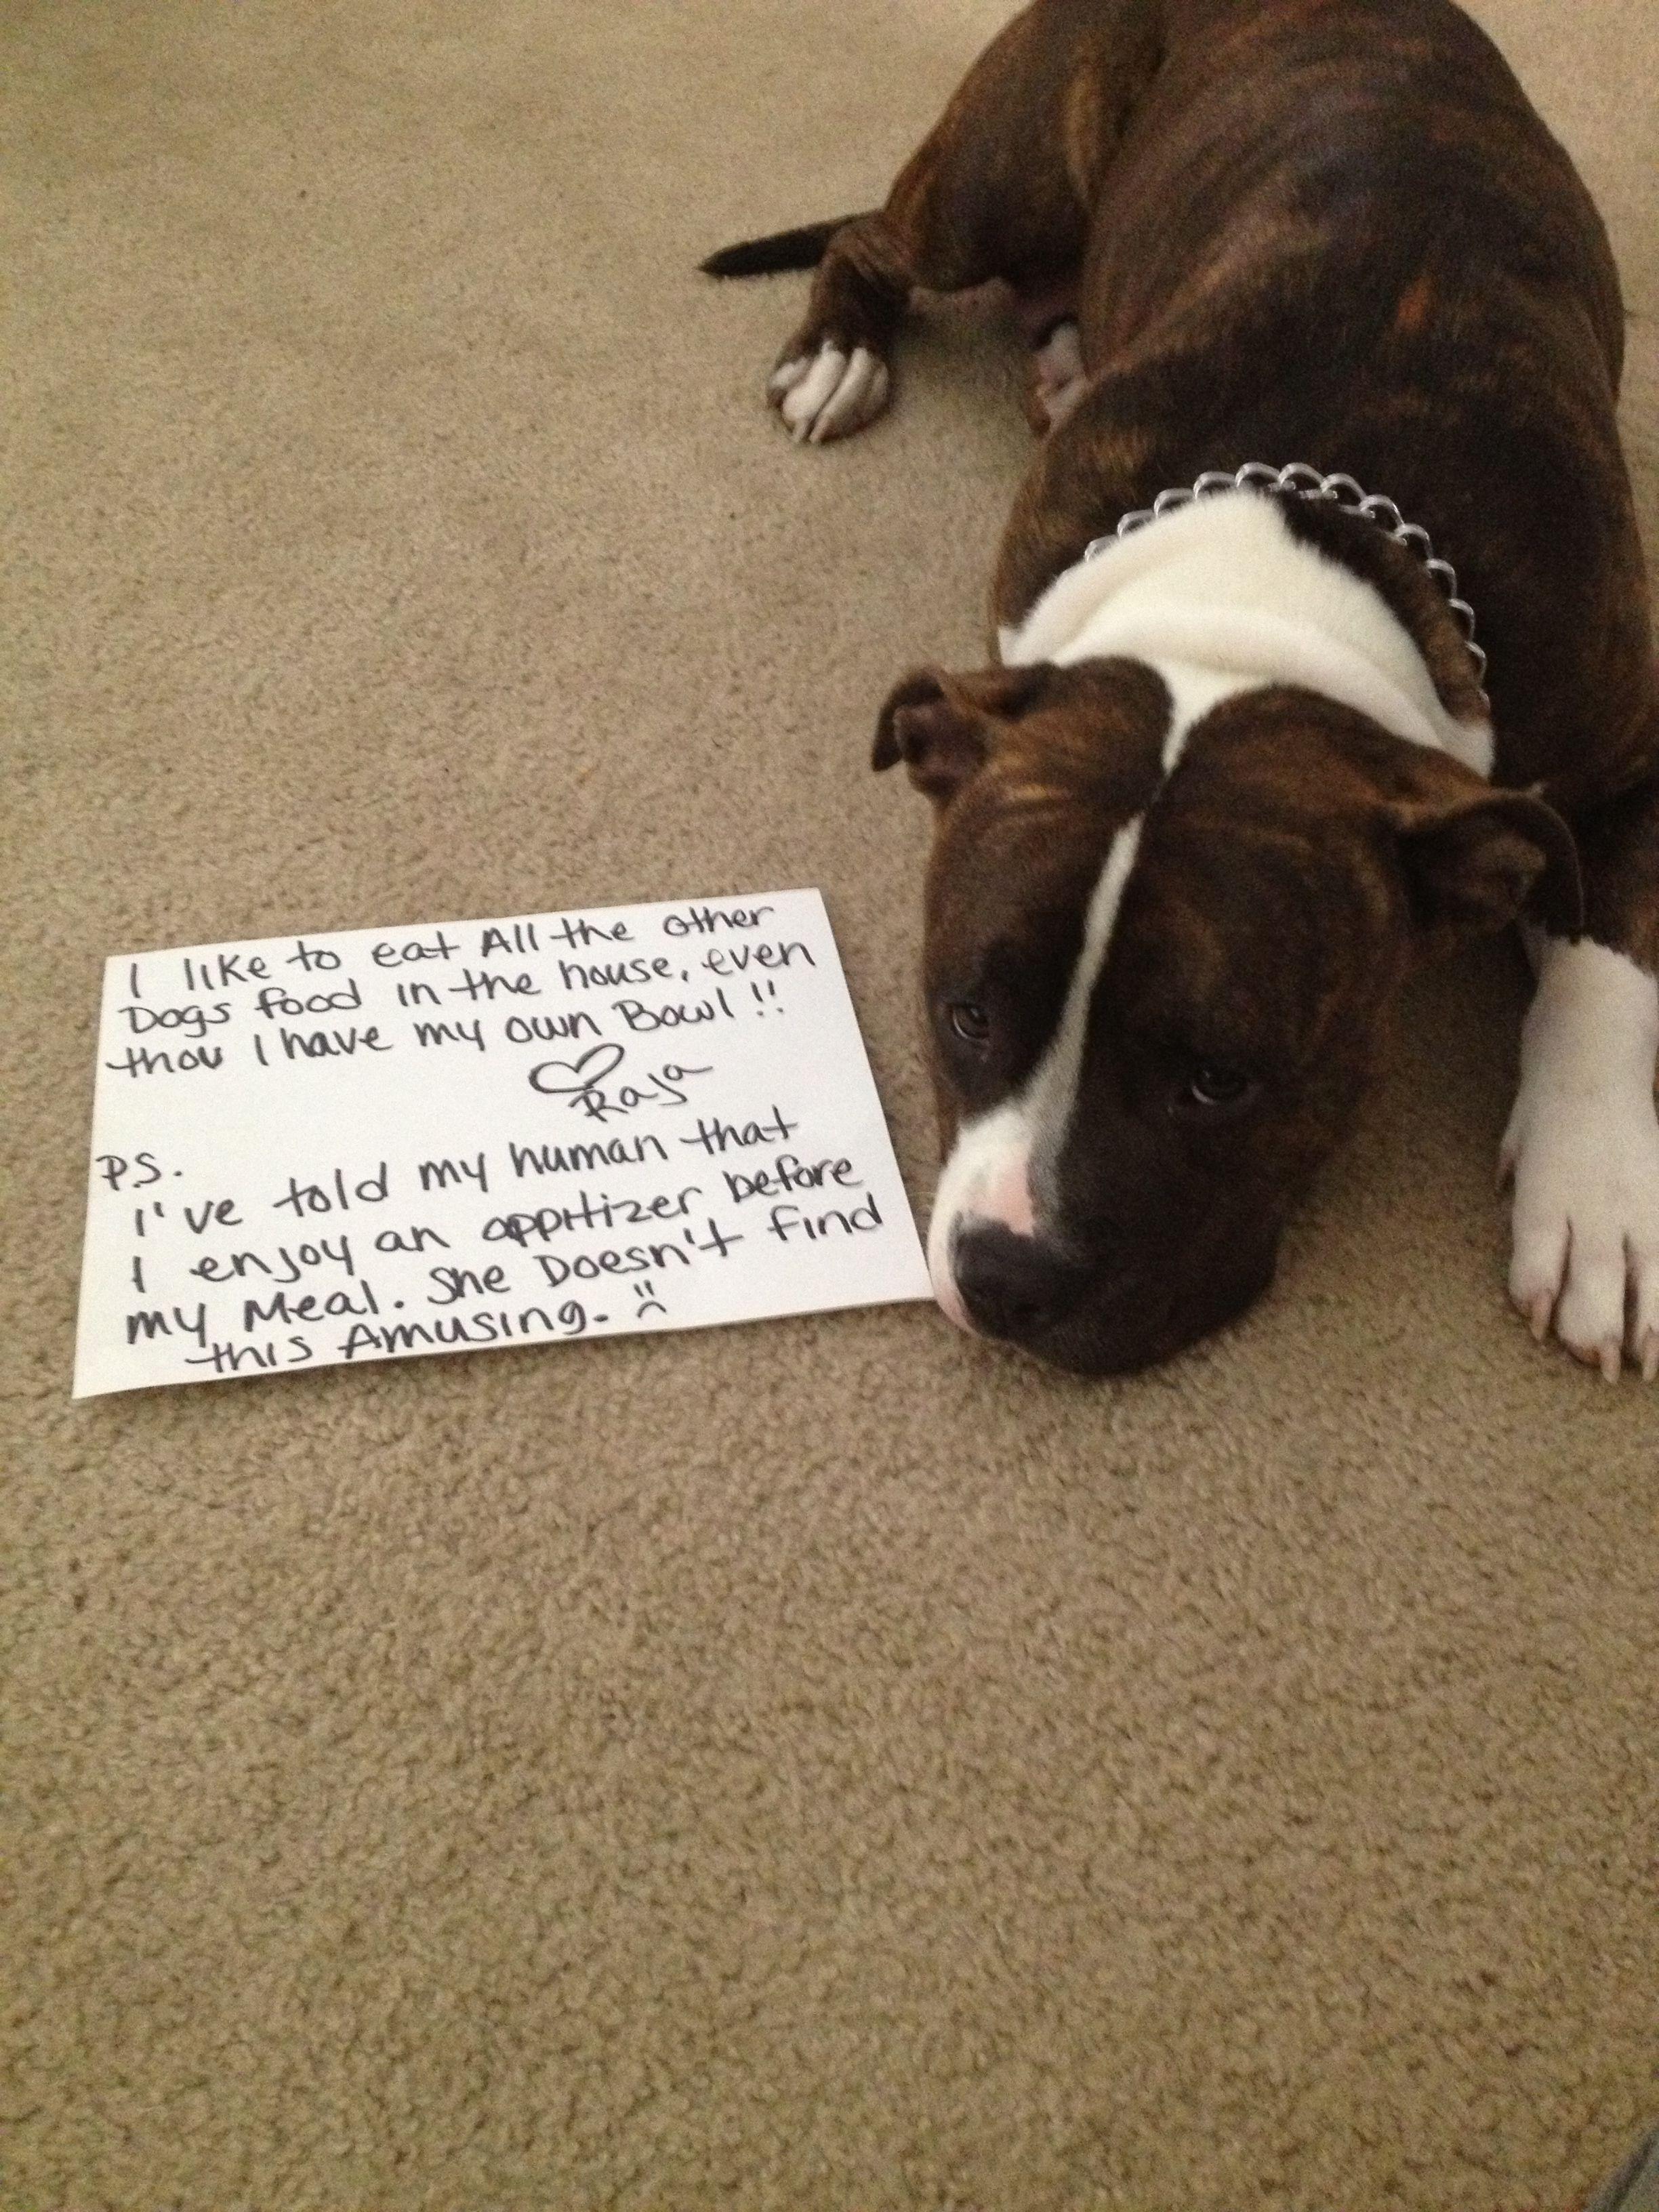 Dog Shaming Pit Bulls Pitbull Pit Dogs Dog Shaming Bad